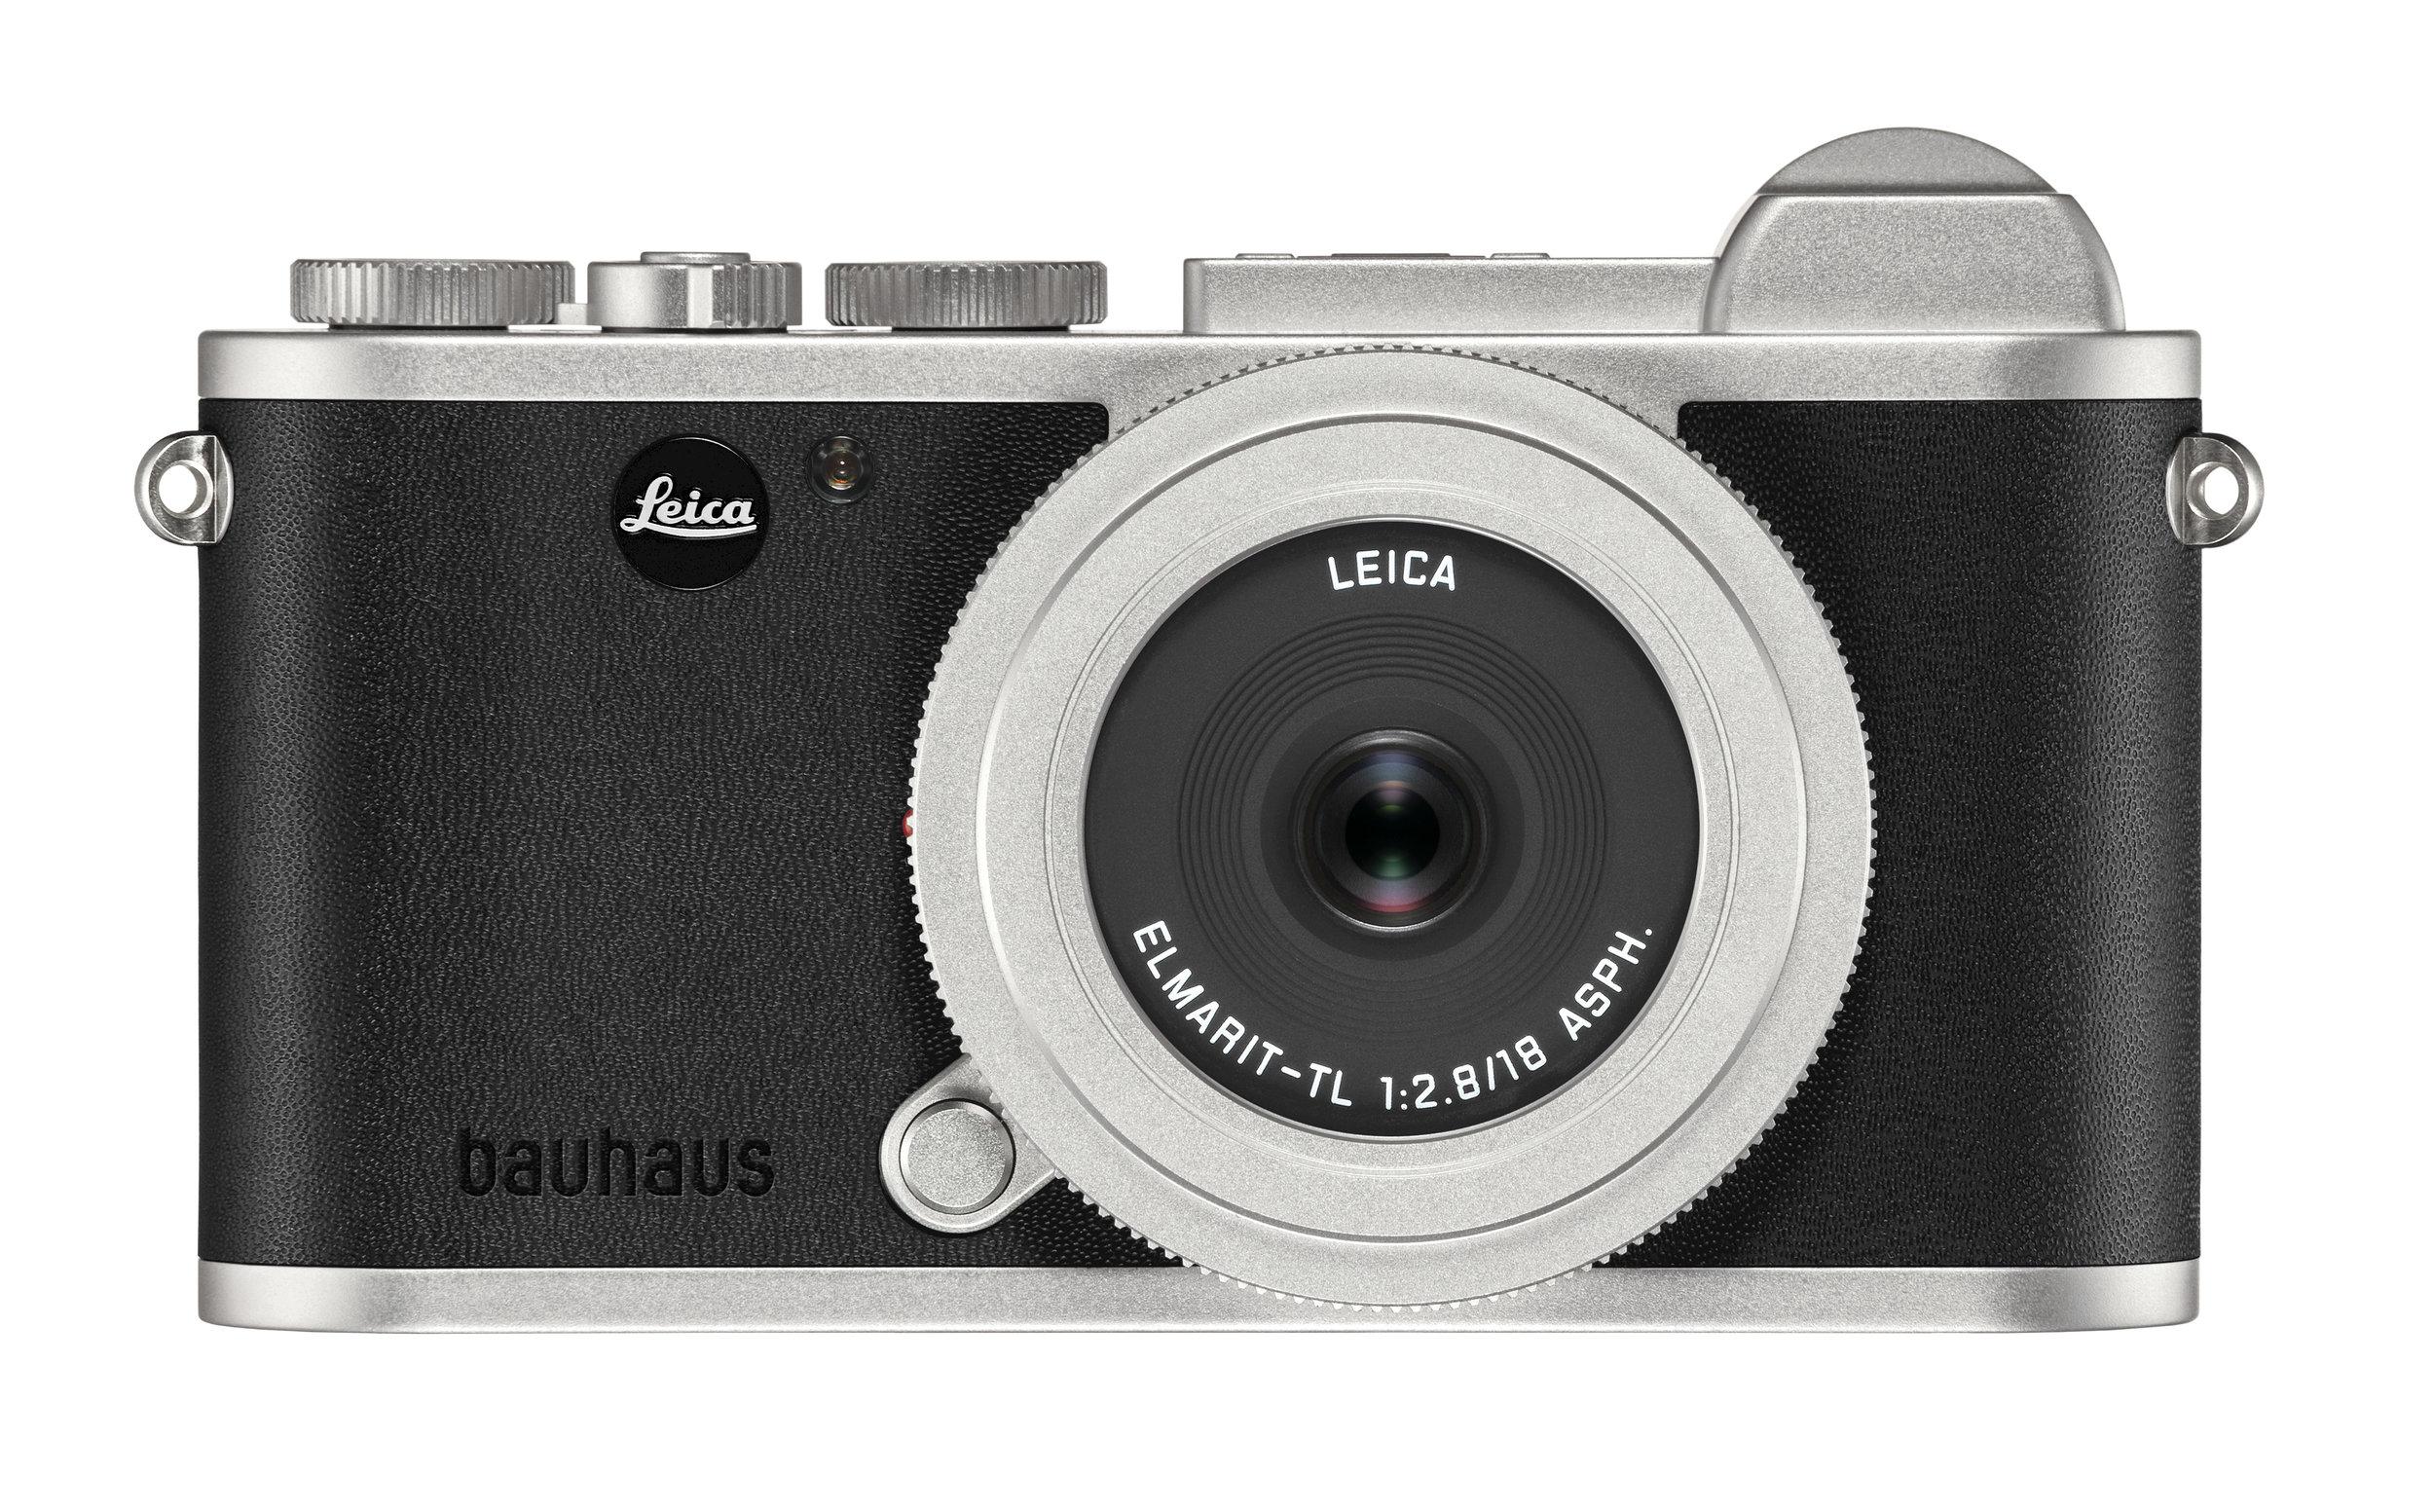 """Leica CL """"100 jahre bauhaus""""_RGB.jpg"""